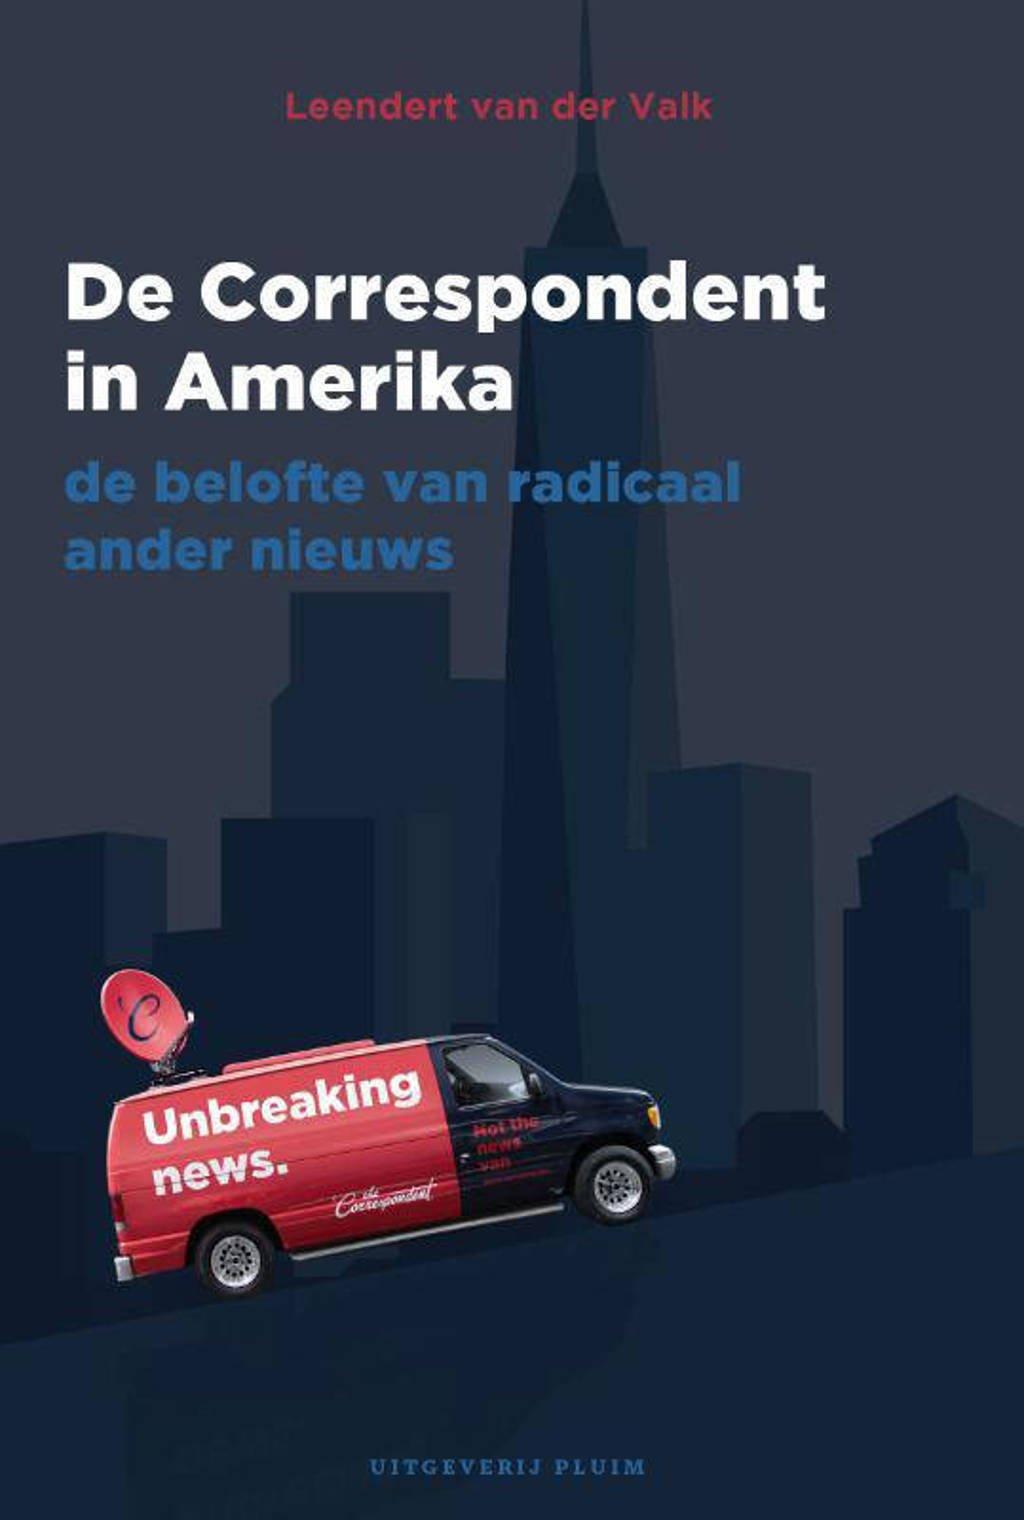 De Correspondent in Amerika - Leendert van der Valk